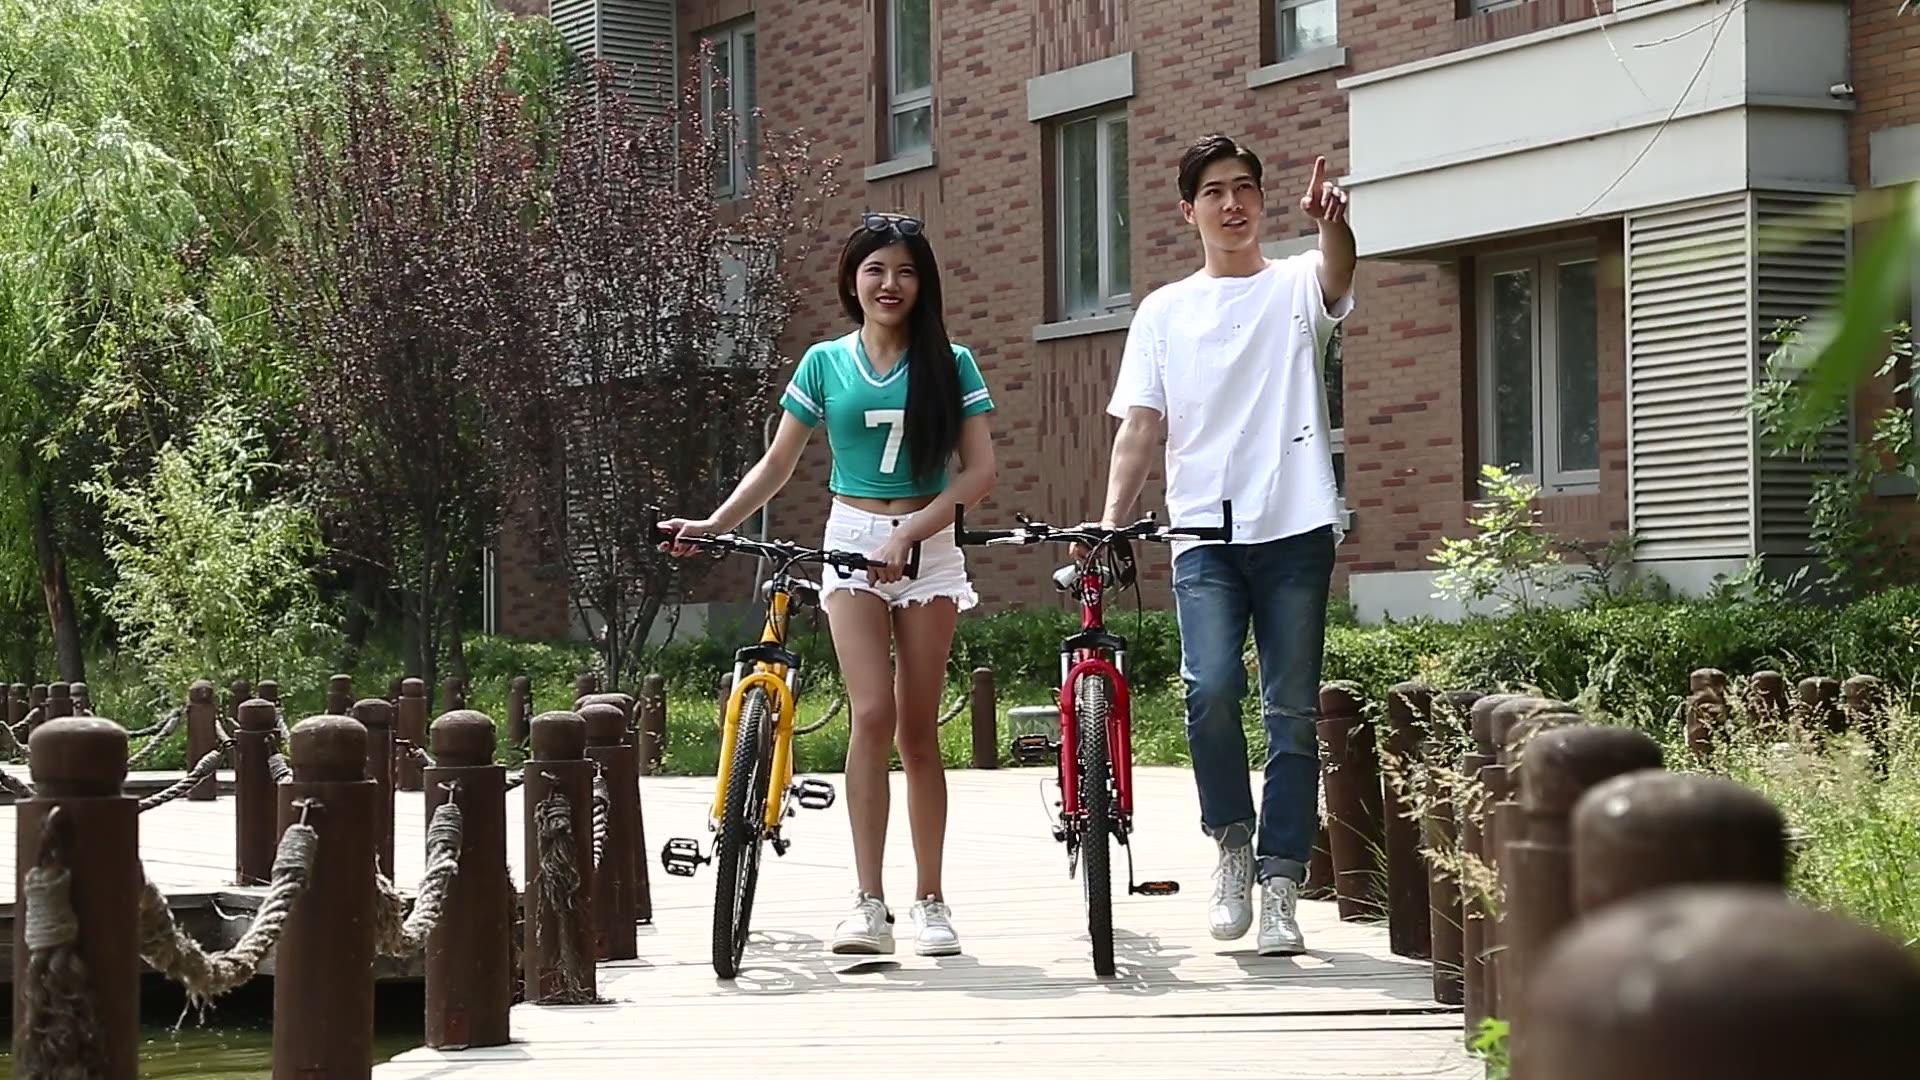 จัดส่งฟรี27.5 29นิ้วเต็มระงับจักรยานเสือภูเขาจากโรงงานจักรยานจีน